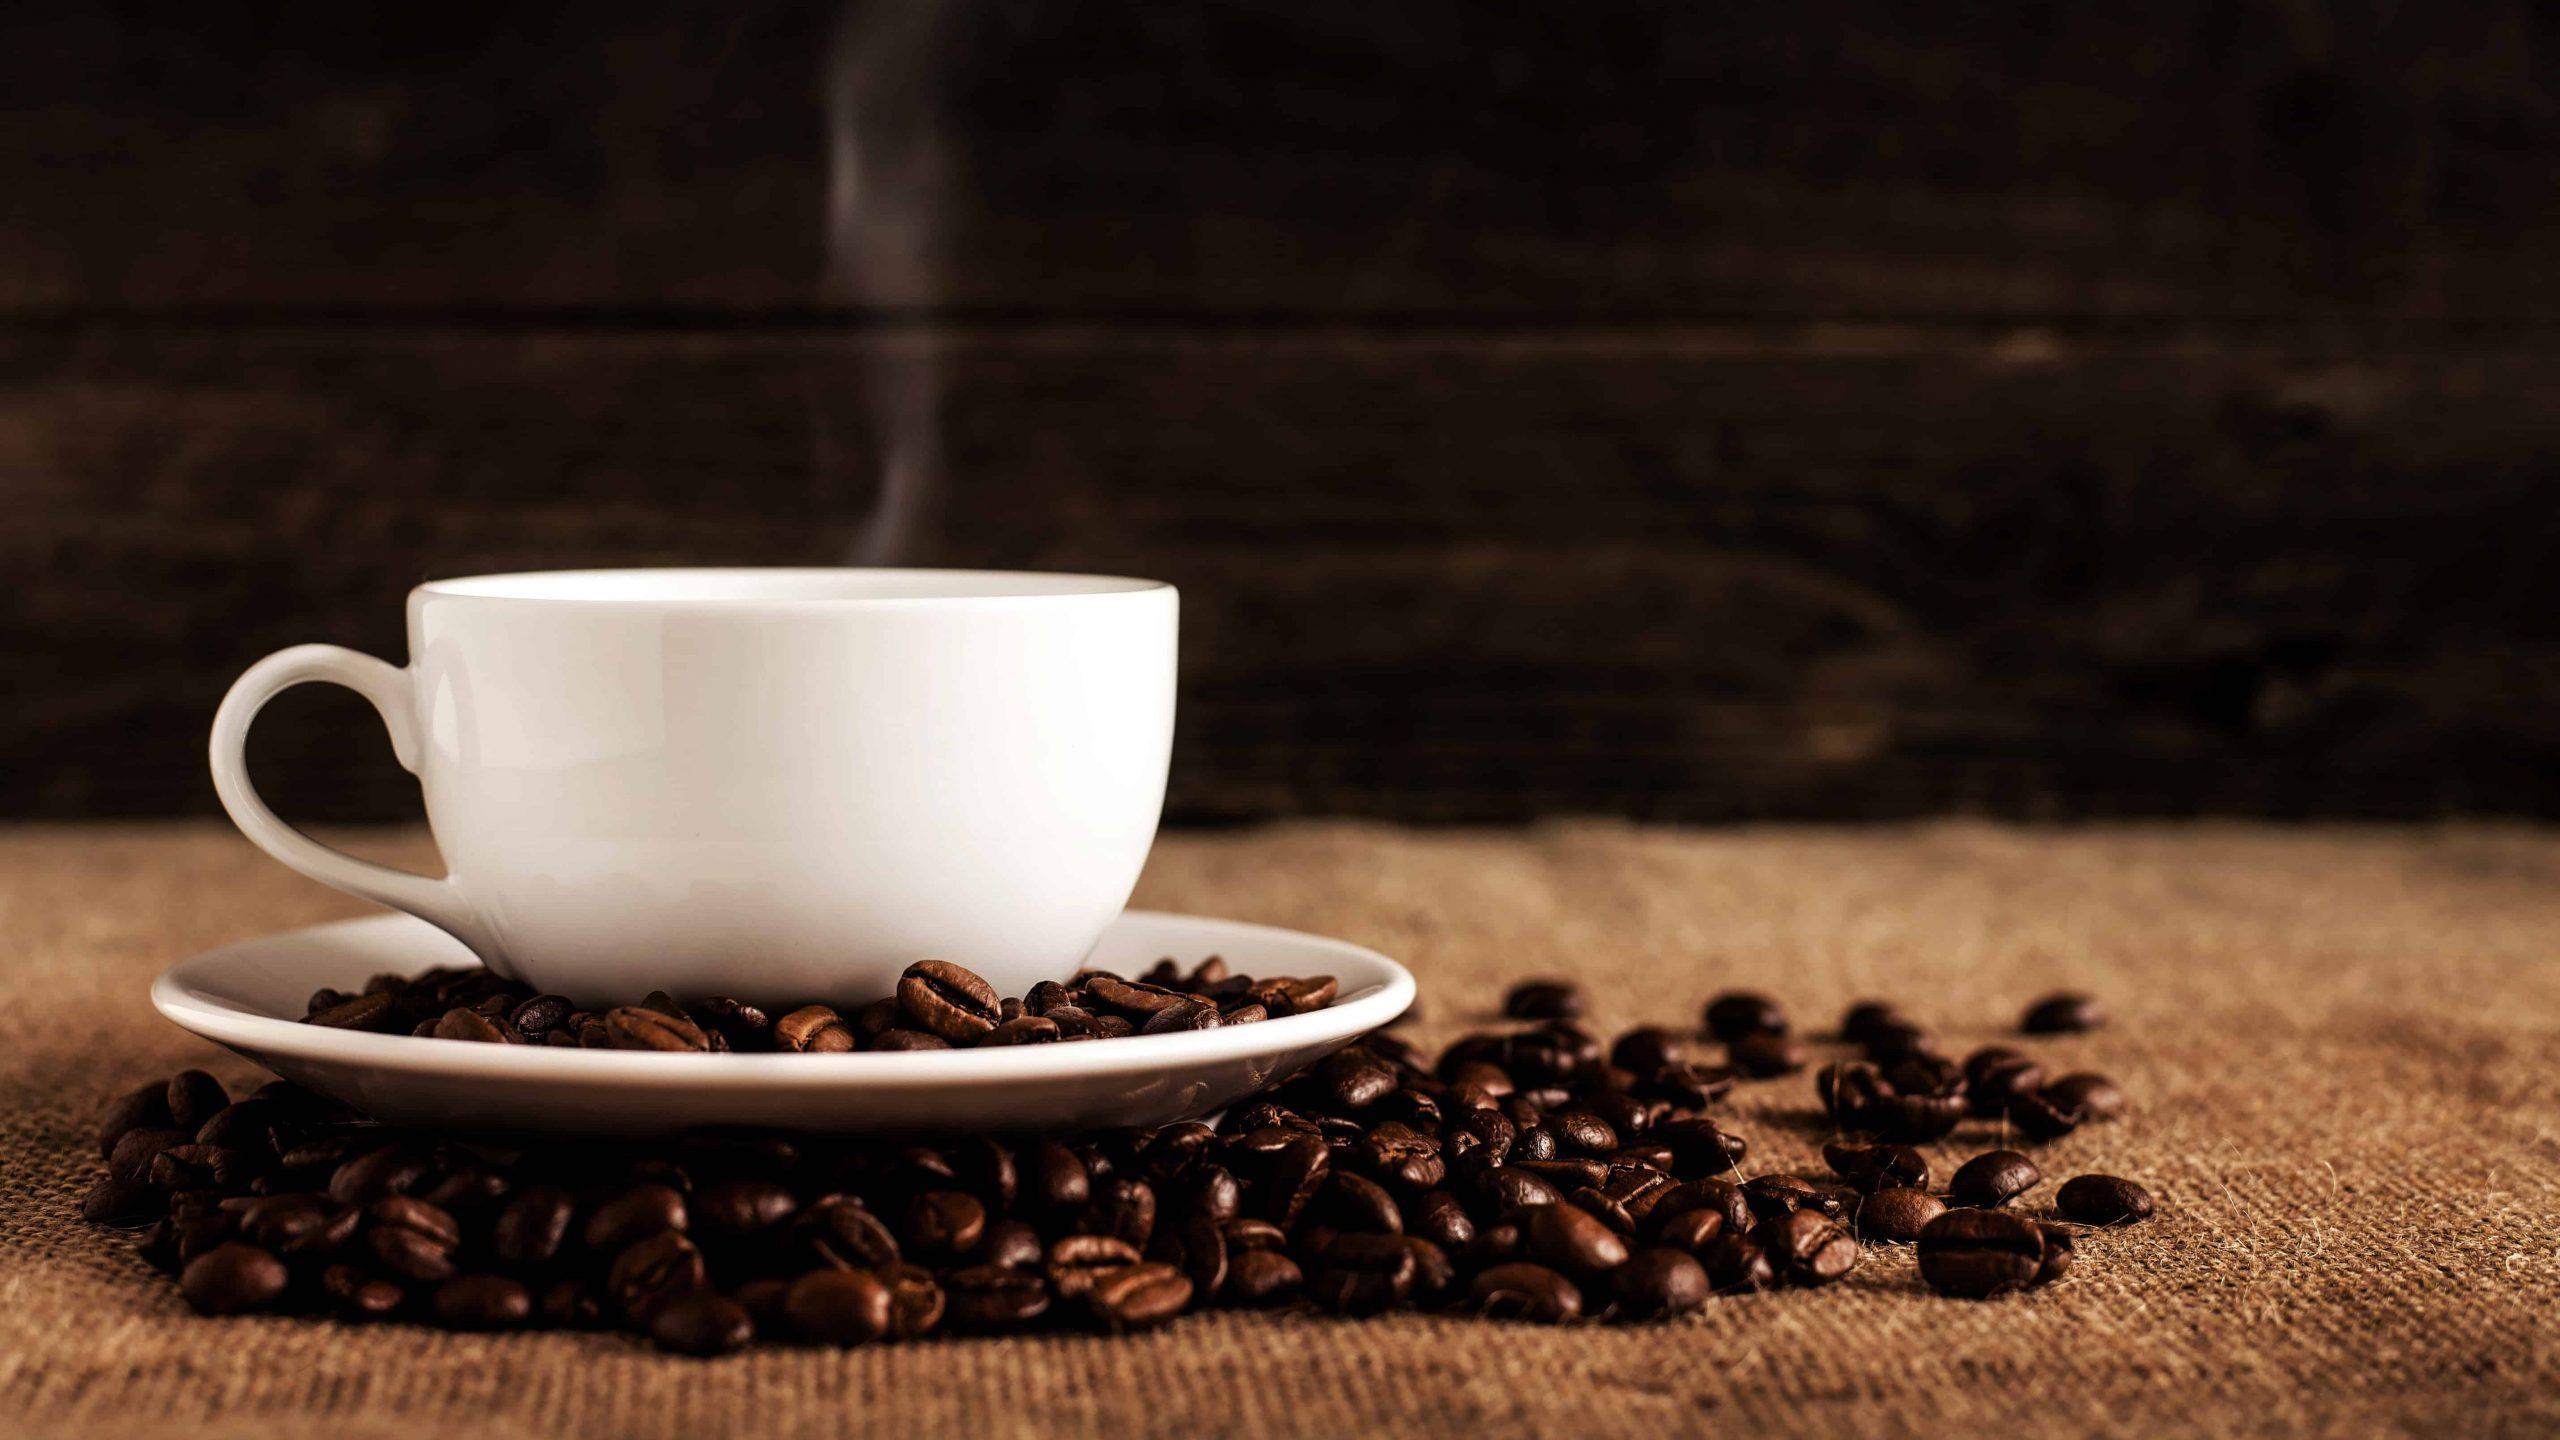 Креативнее не будет: кофеин не способствует творческому мышлению